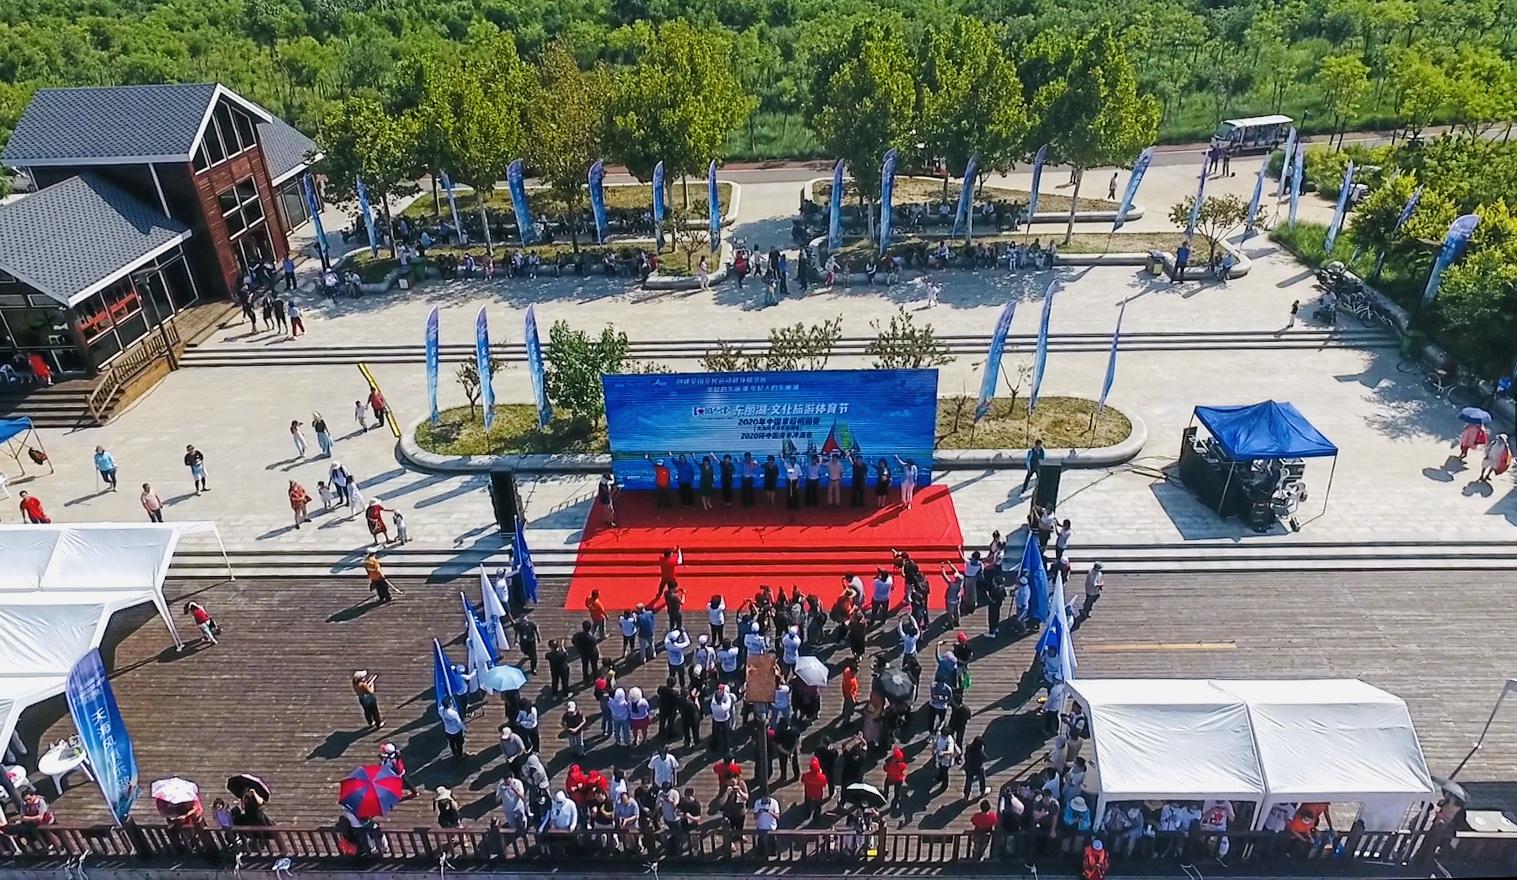 I游天津·东丽湖·文化旅游体育节隆重开幕